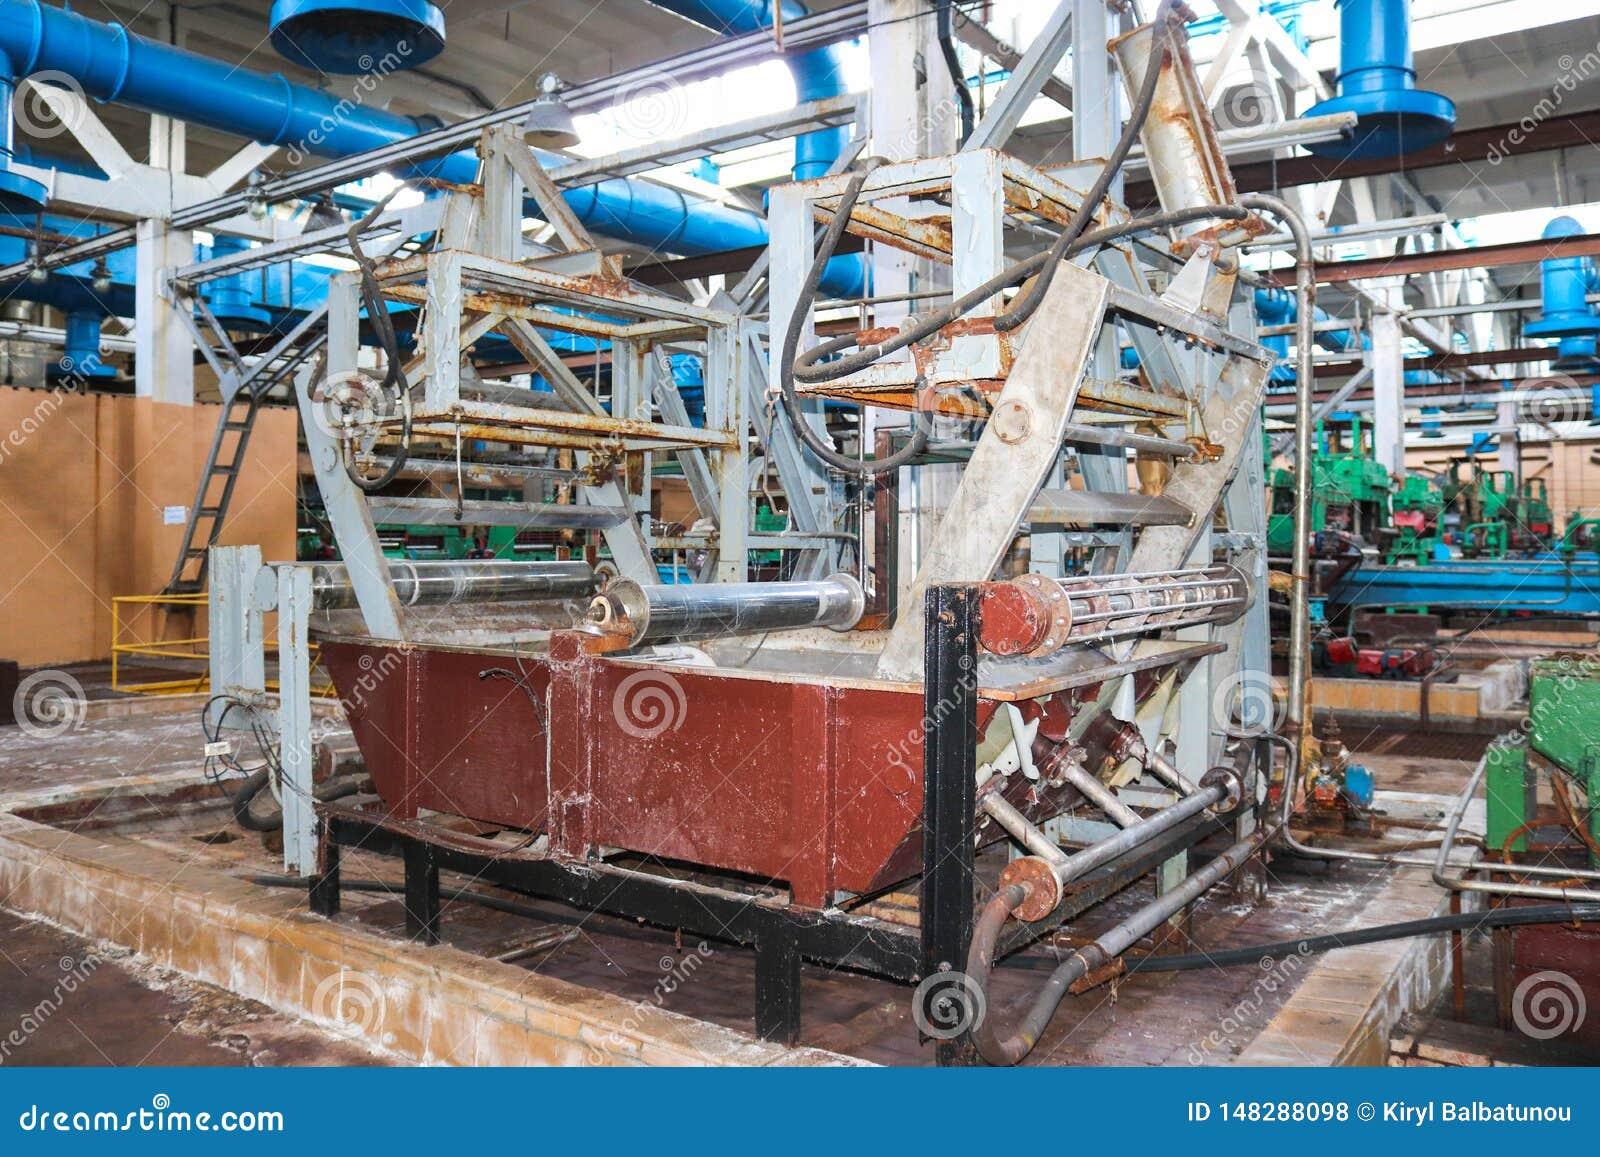 Metaal industrieel krachtig materiaal van de productieafdeling bij de machine-bouwende olieraffinage, chemische petrochemische st